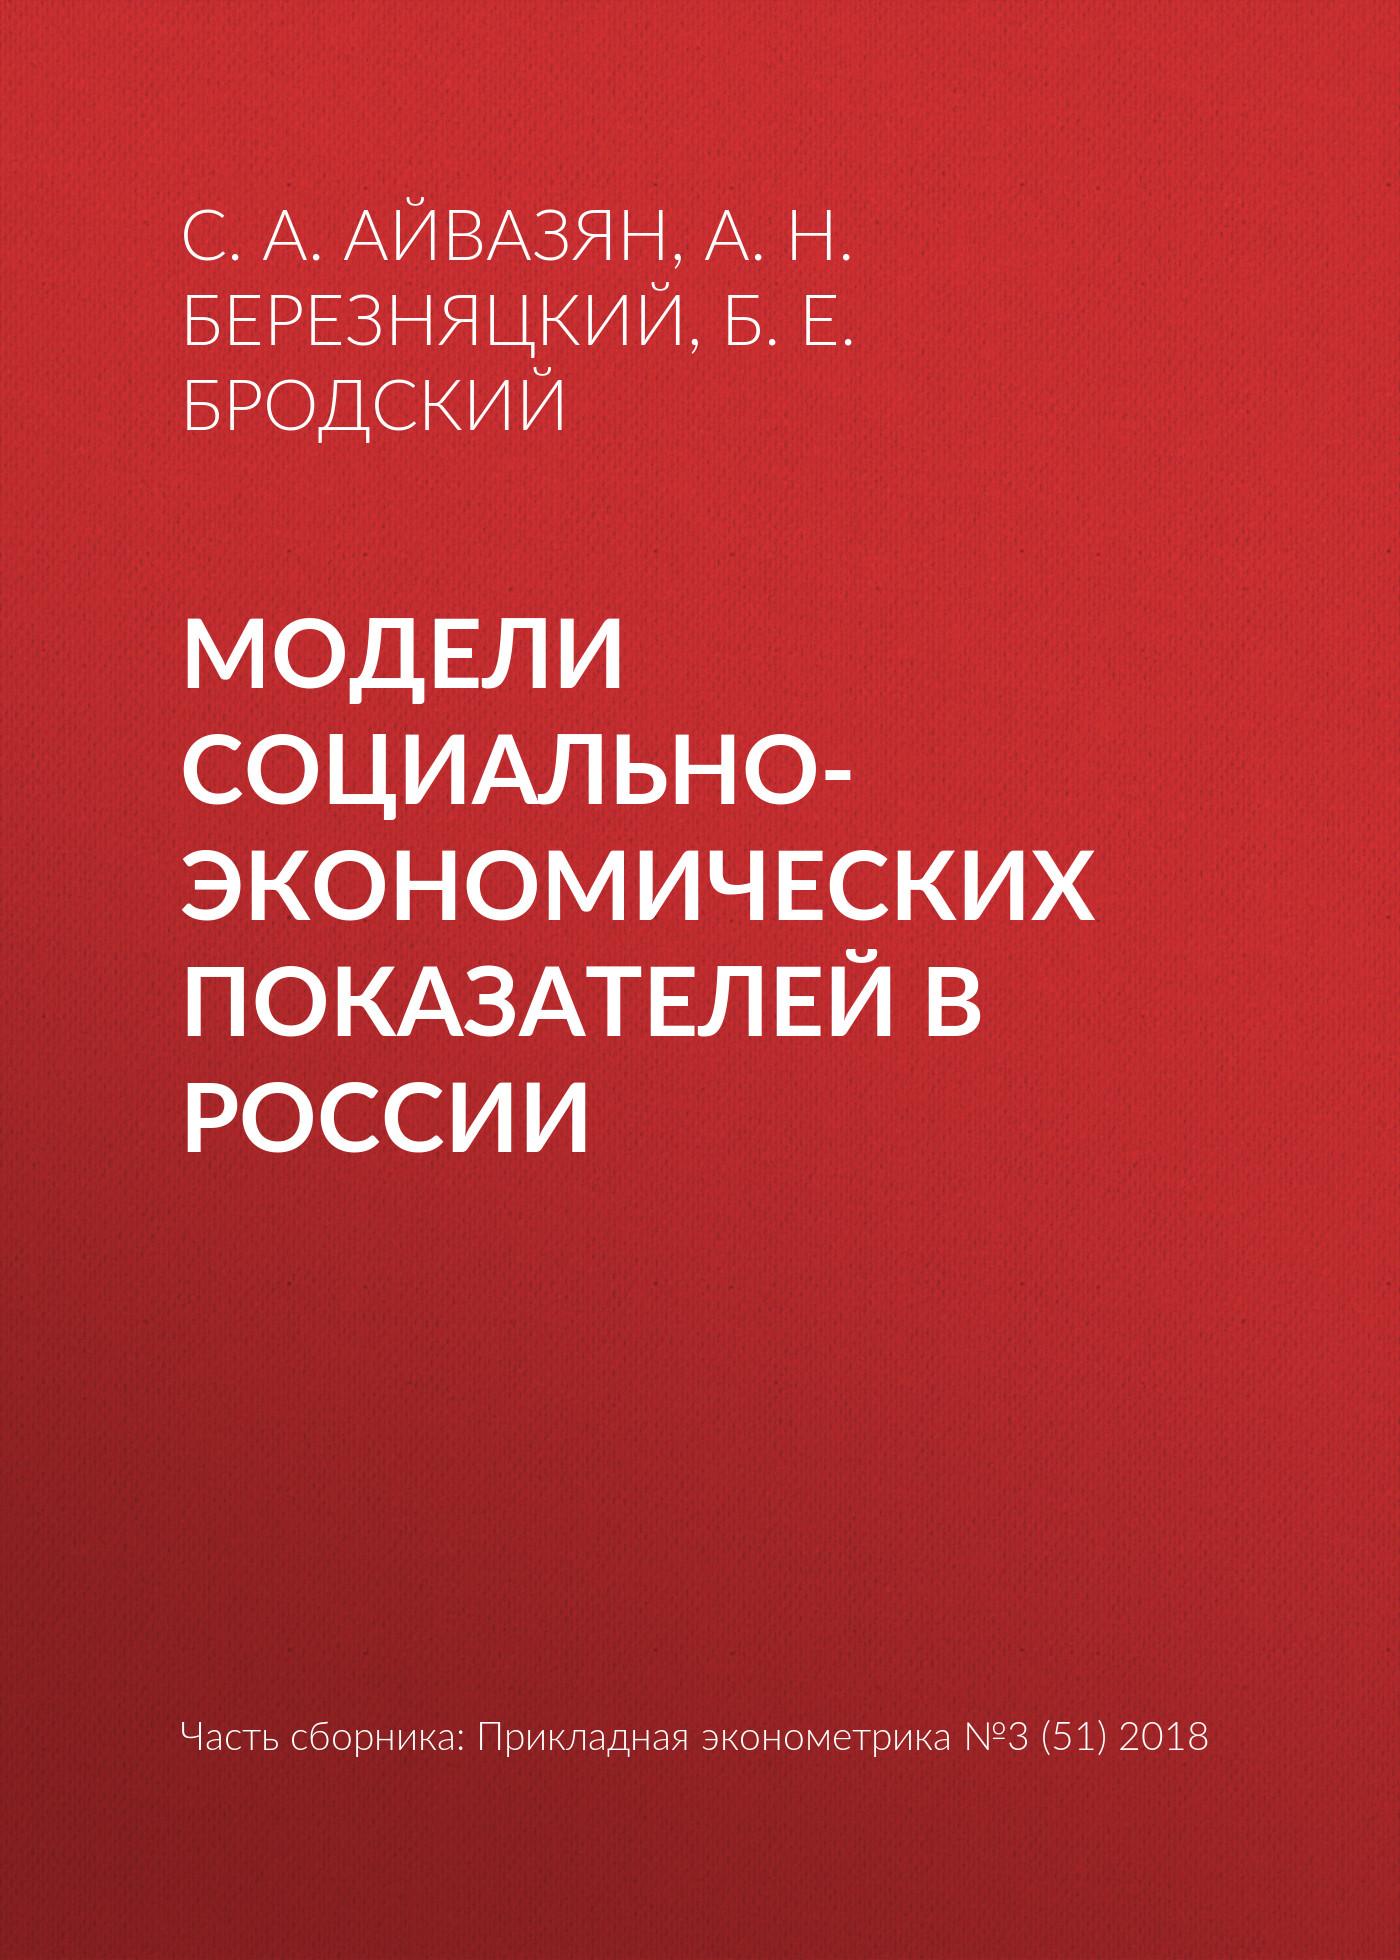 С. А. Айвазян Модели социально-экономических показателей в России